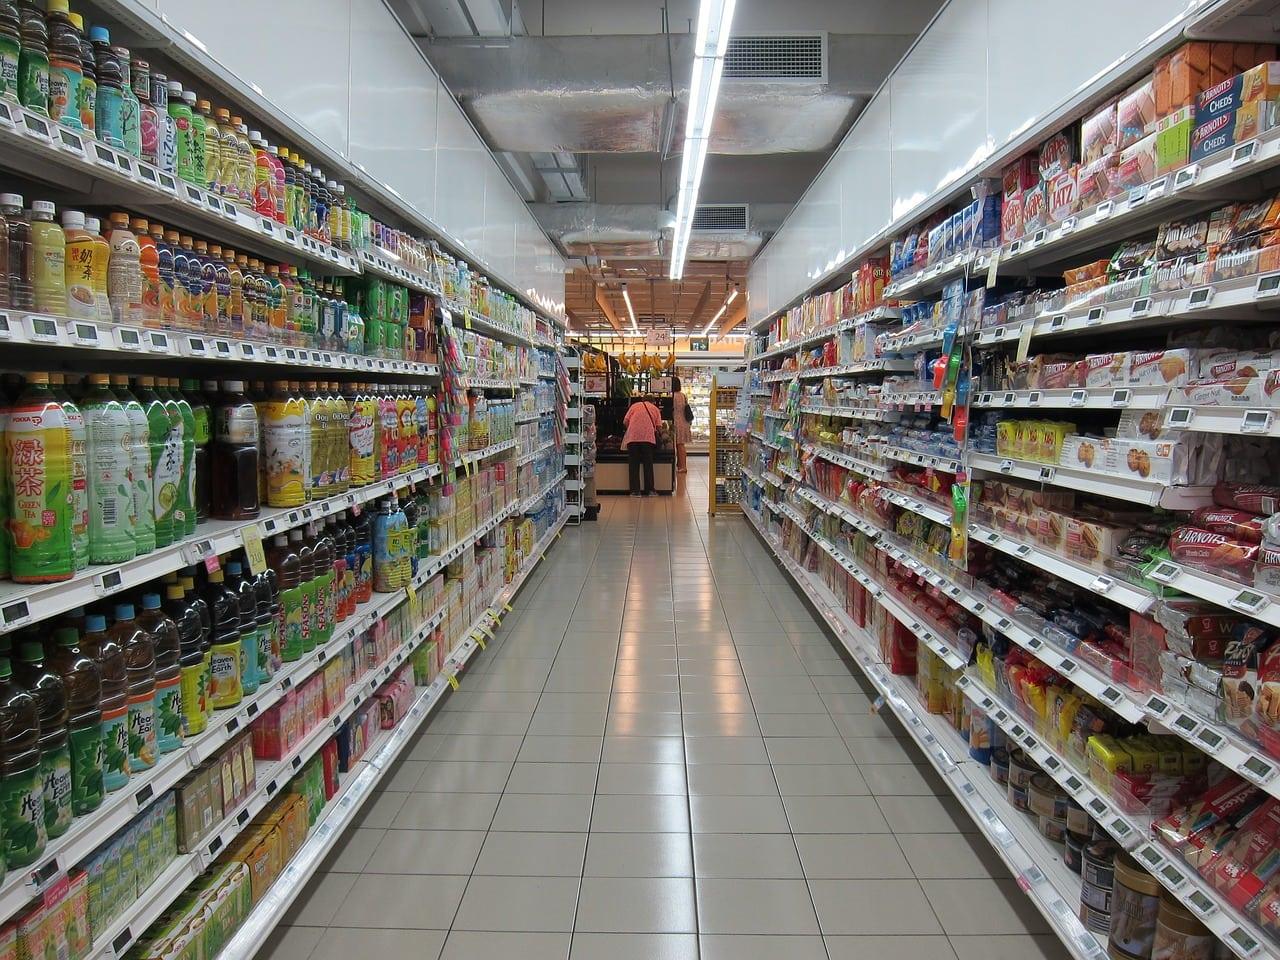 El rol de las empresas de alimentos procesados en el aumento de la obesidad y otras enfermedades crónicas inflamatorias